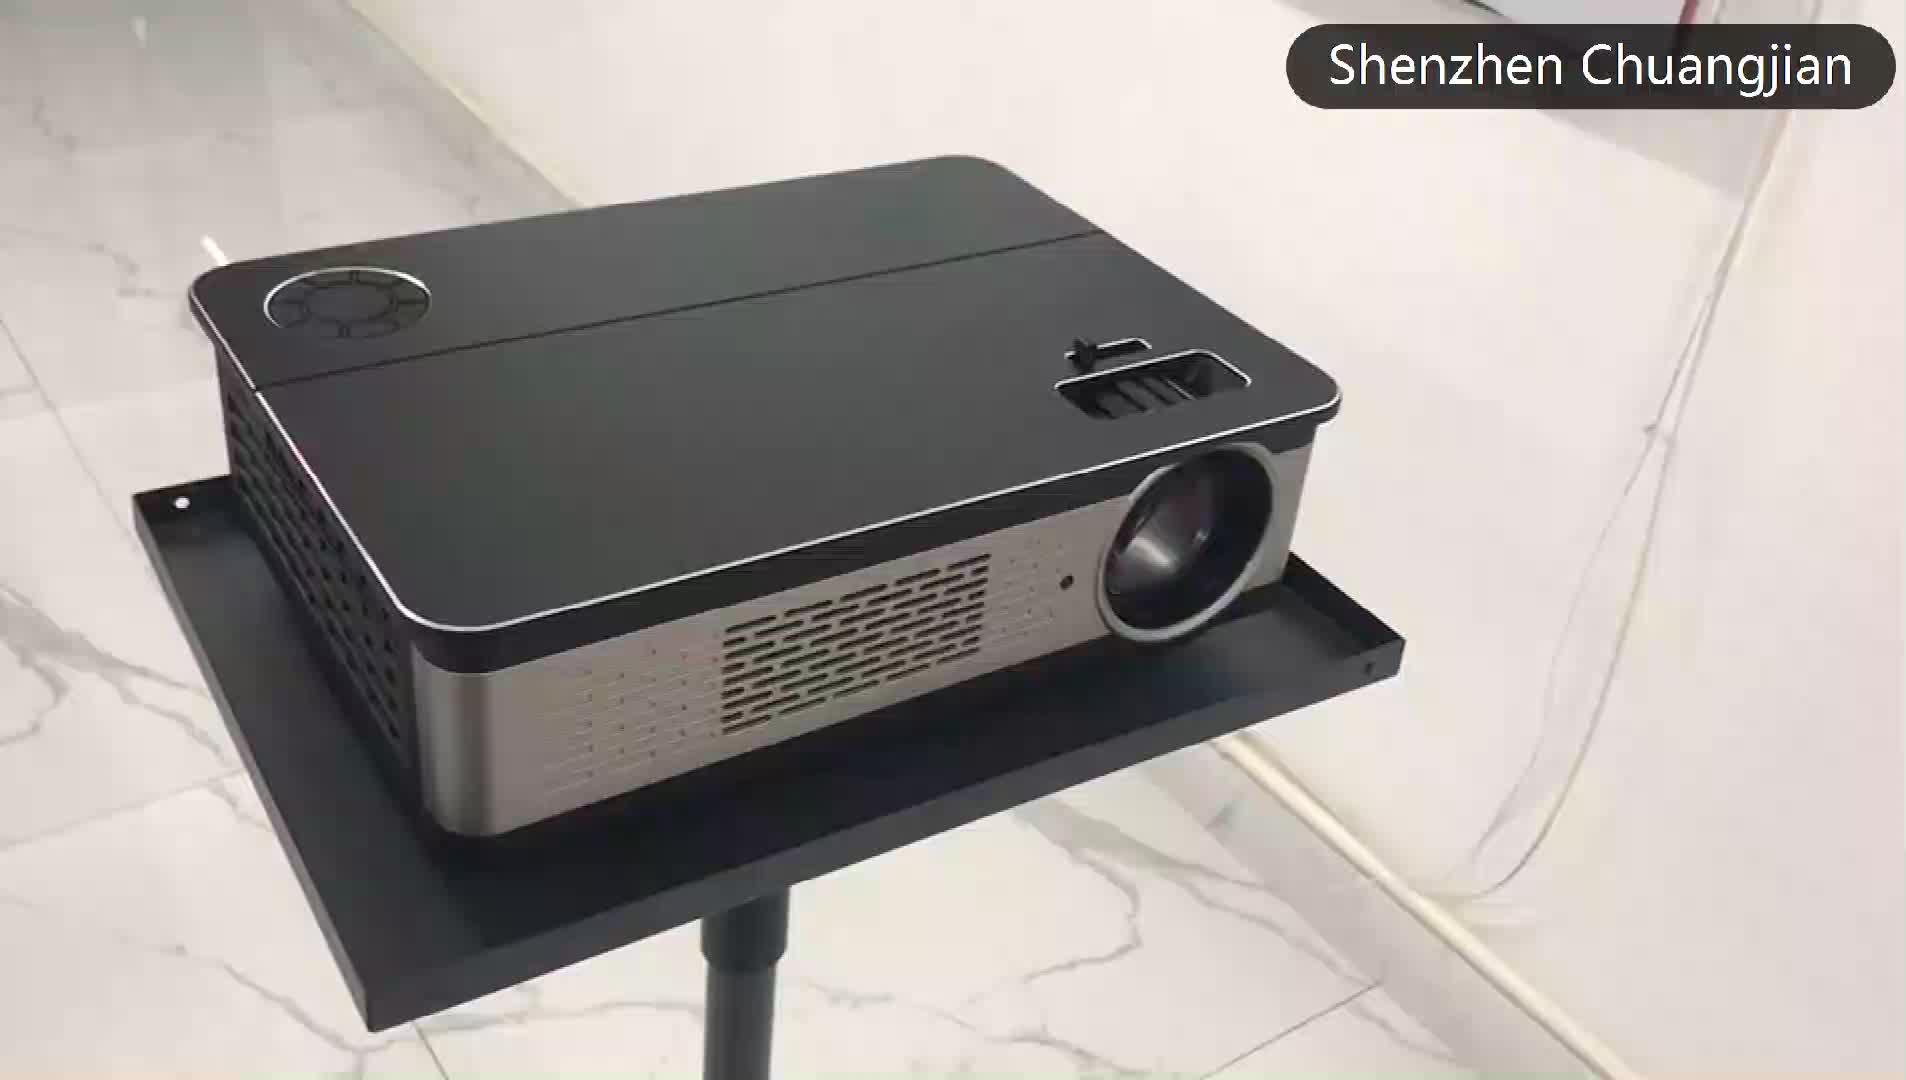 โรงงานราคา Native 1080P 280 นิ้วหน้าจอโฮมเธียเตอร์โปรเจคเตอร์สำหรับวิดีโอทีวีภาพยนตร์ภาพ LCD เกม